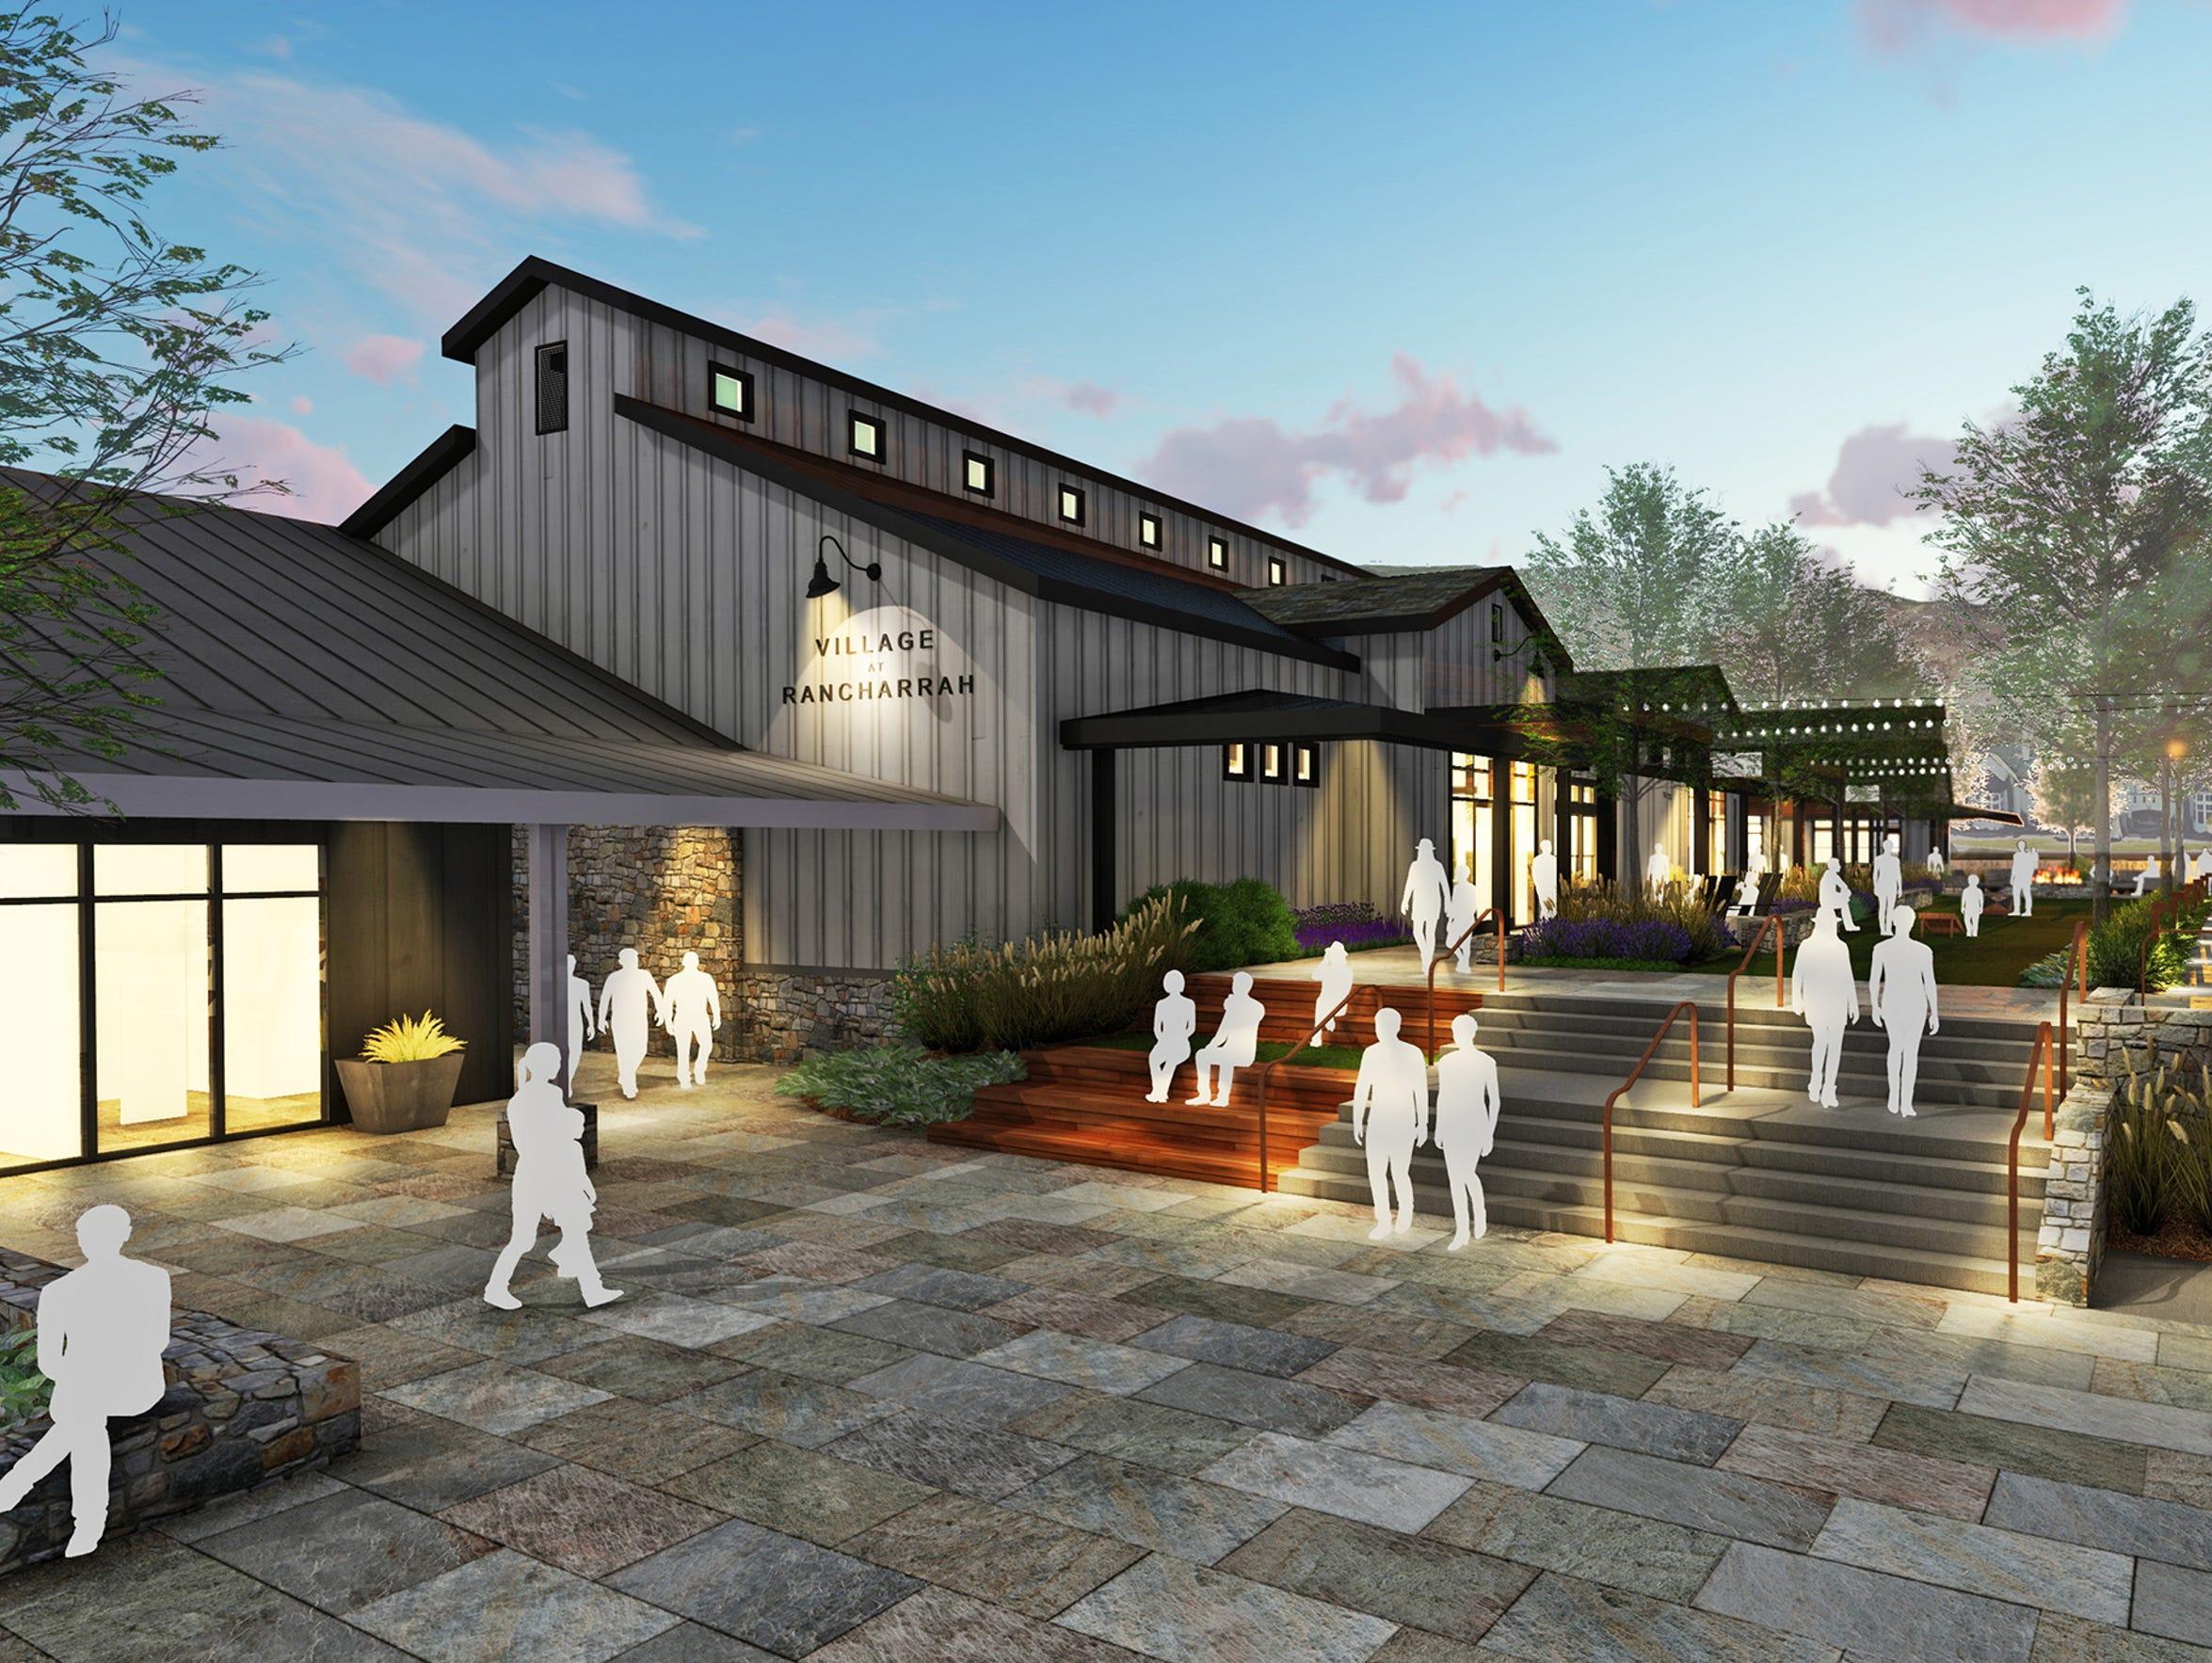 Artist renderings of The Village center at Rancharrah